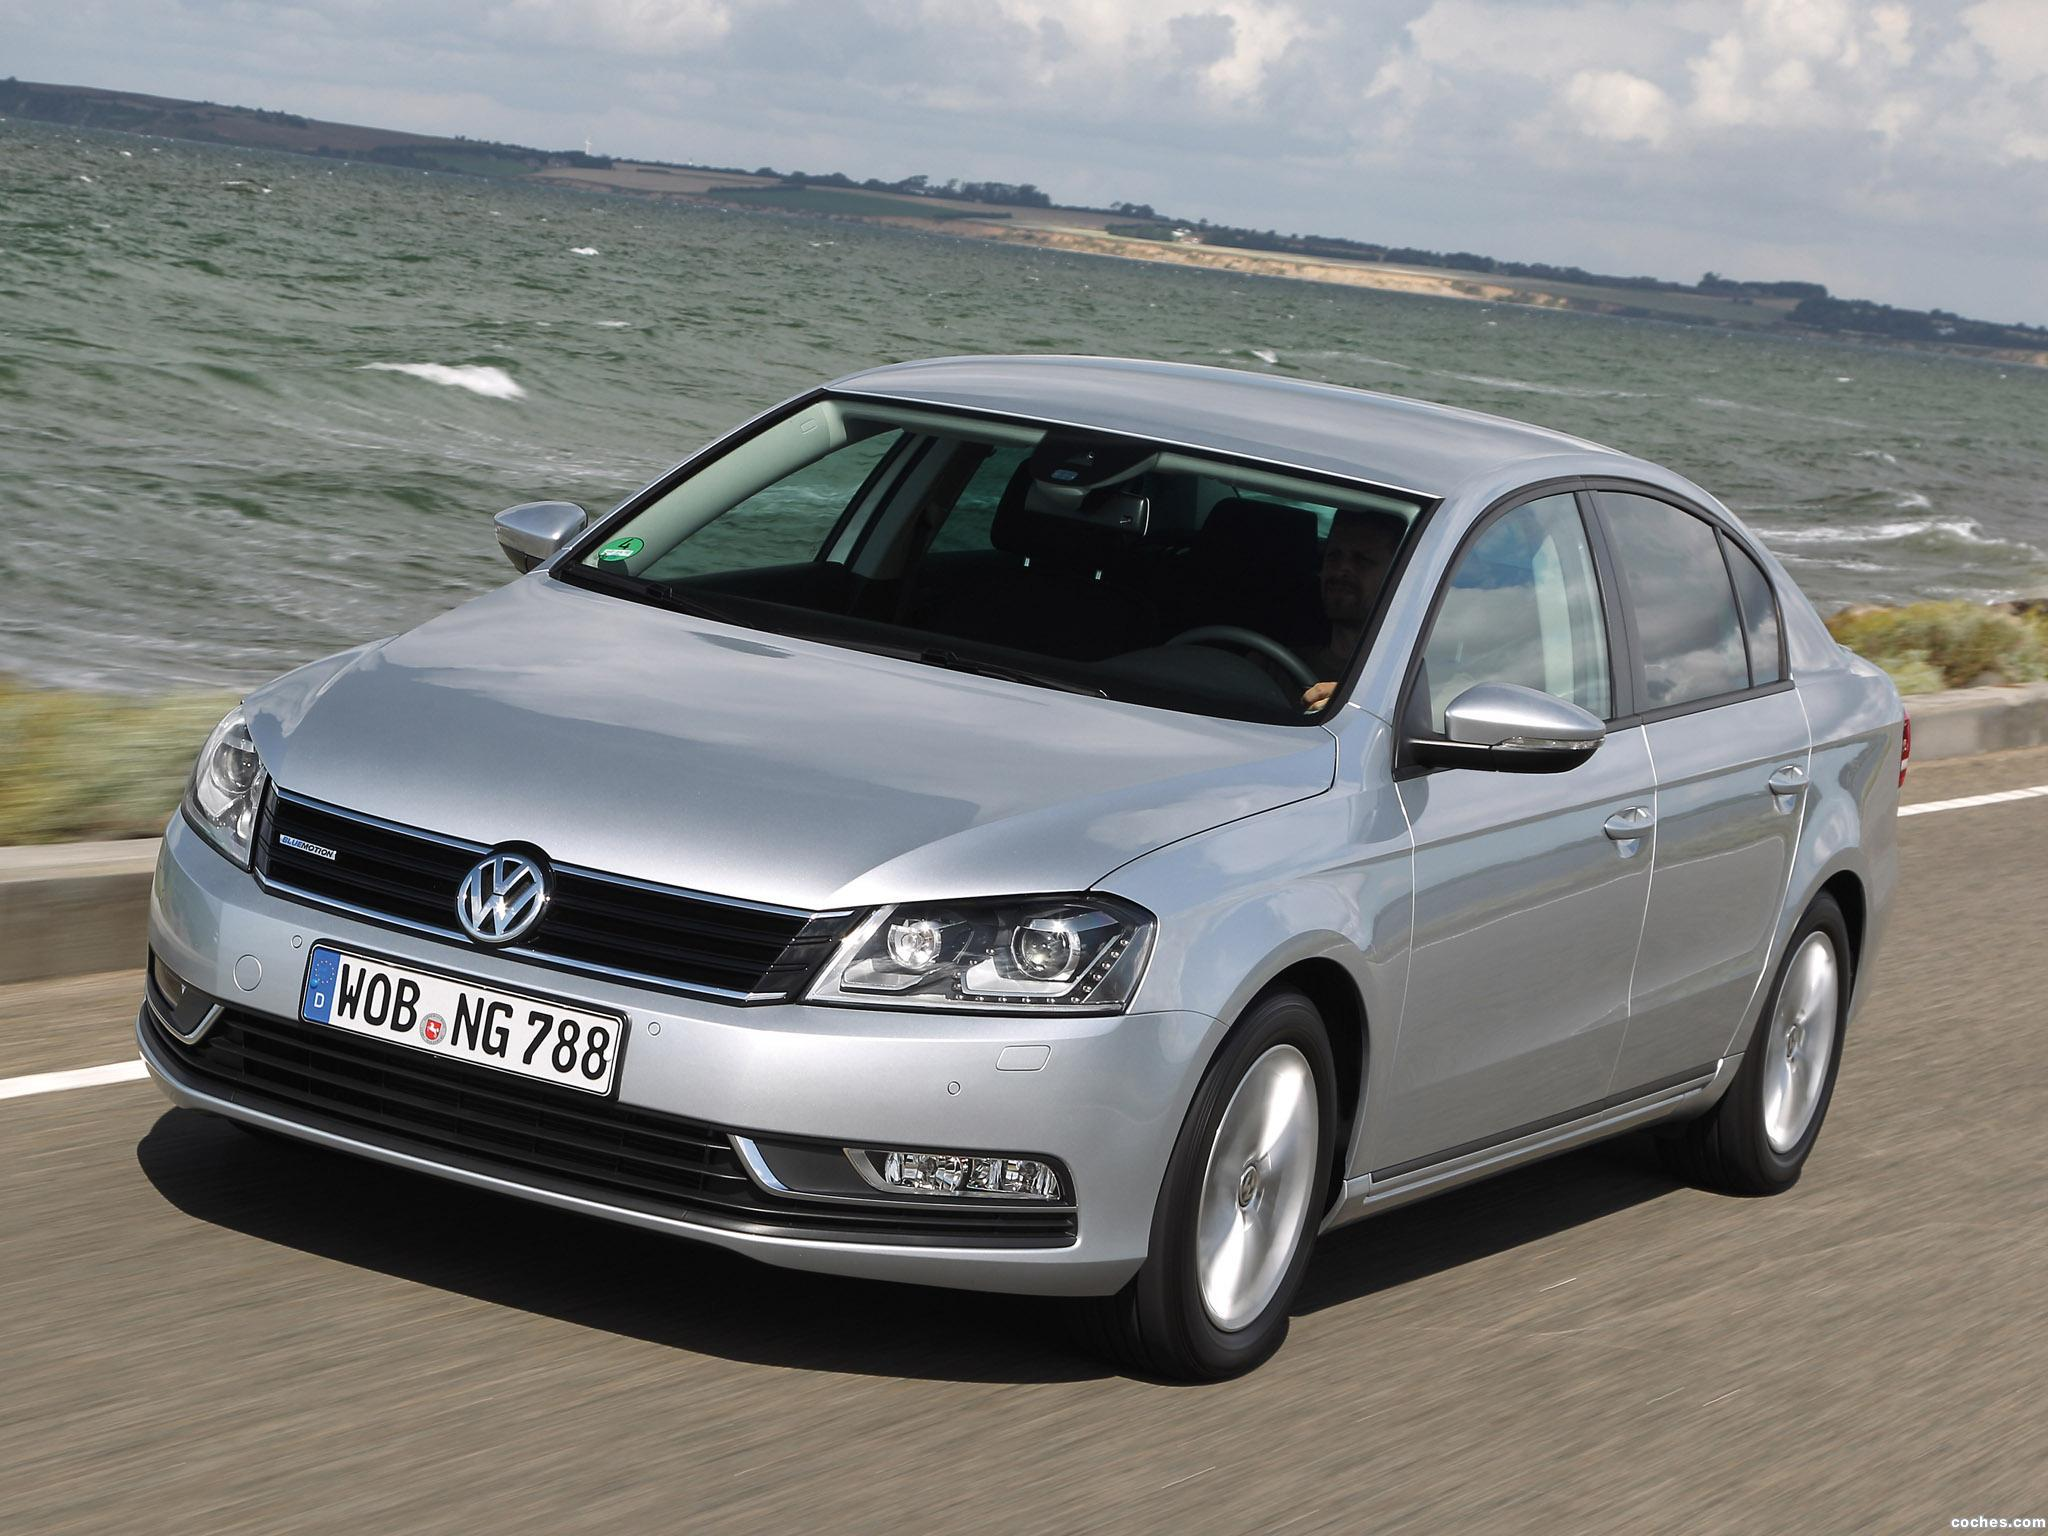 Foto 0 de Volkswagen Passat TDI BlueMotion 2013